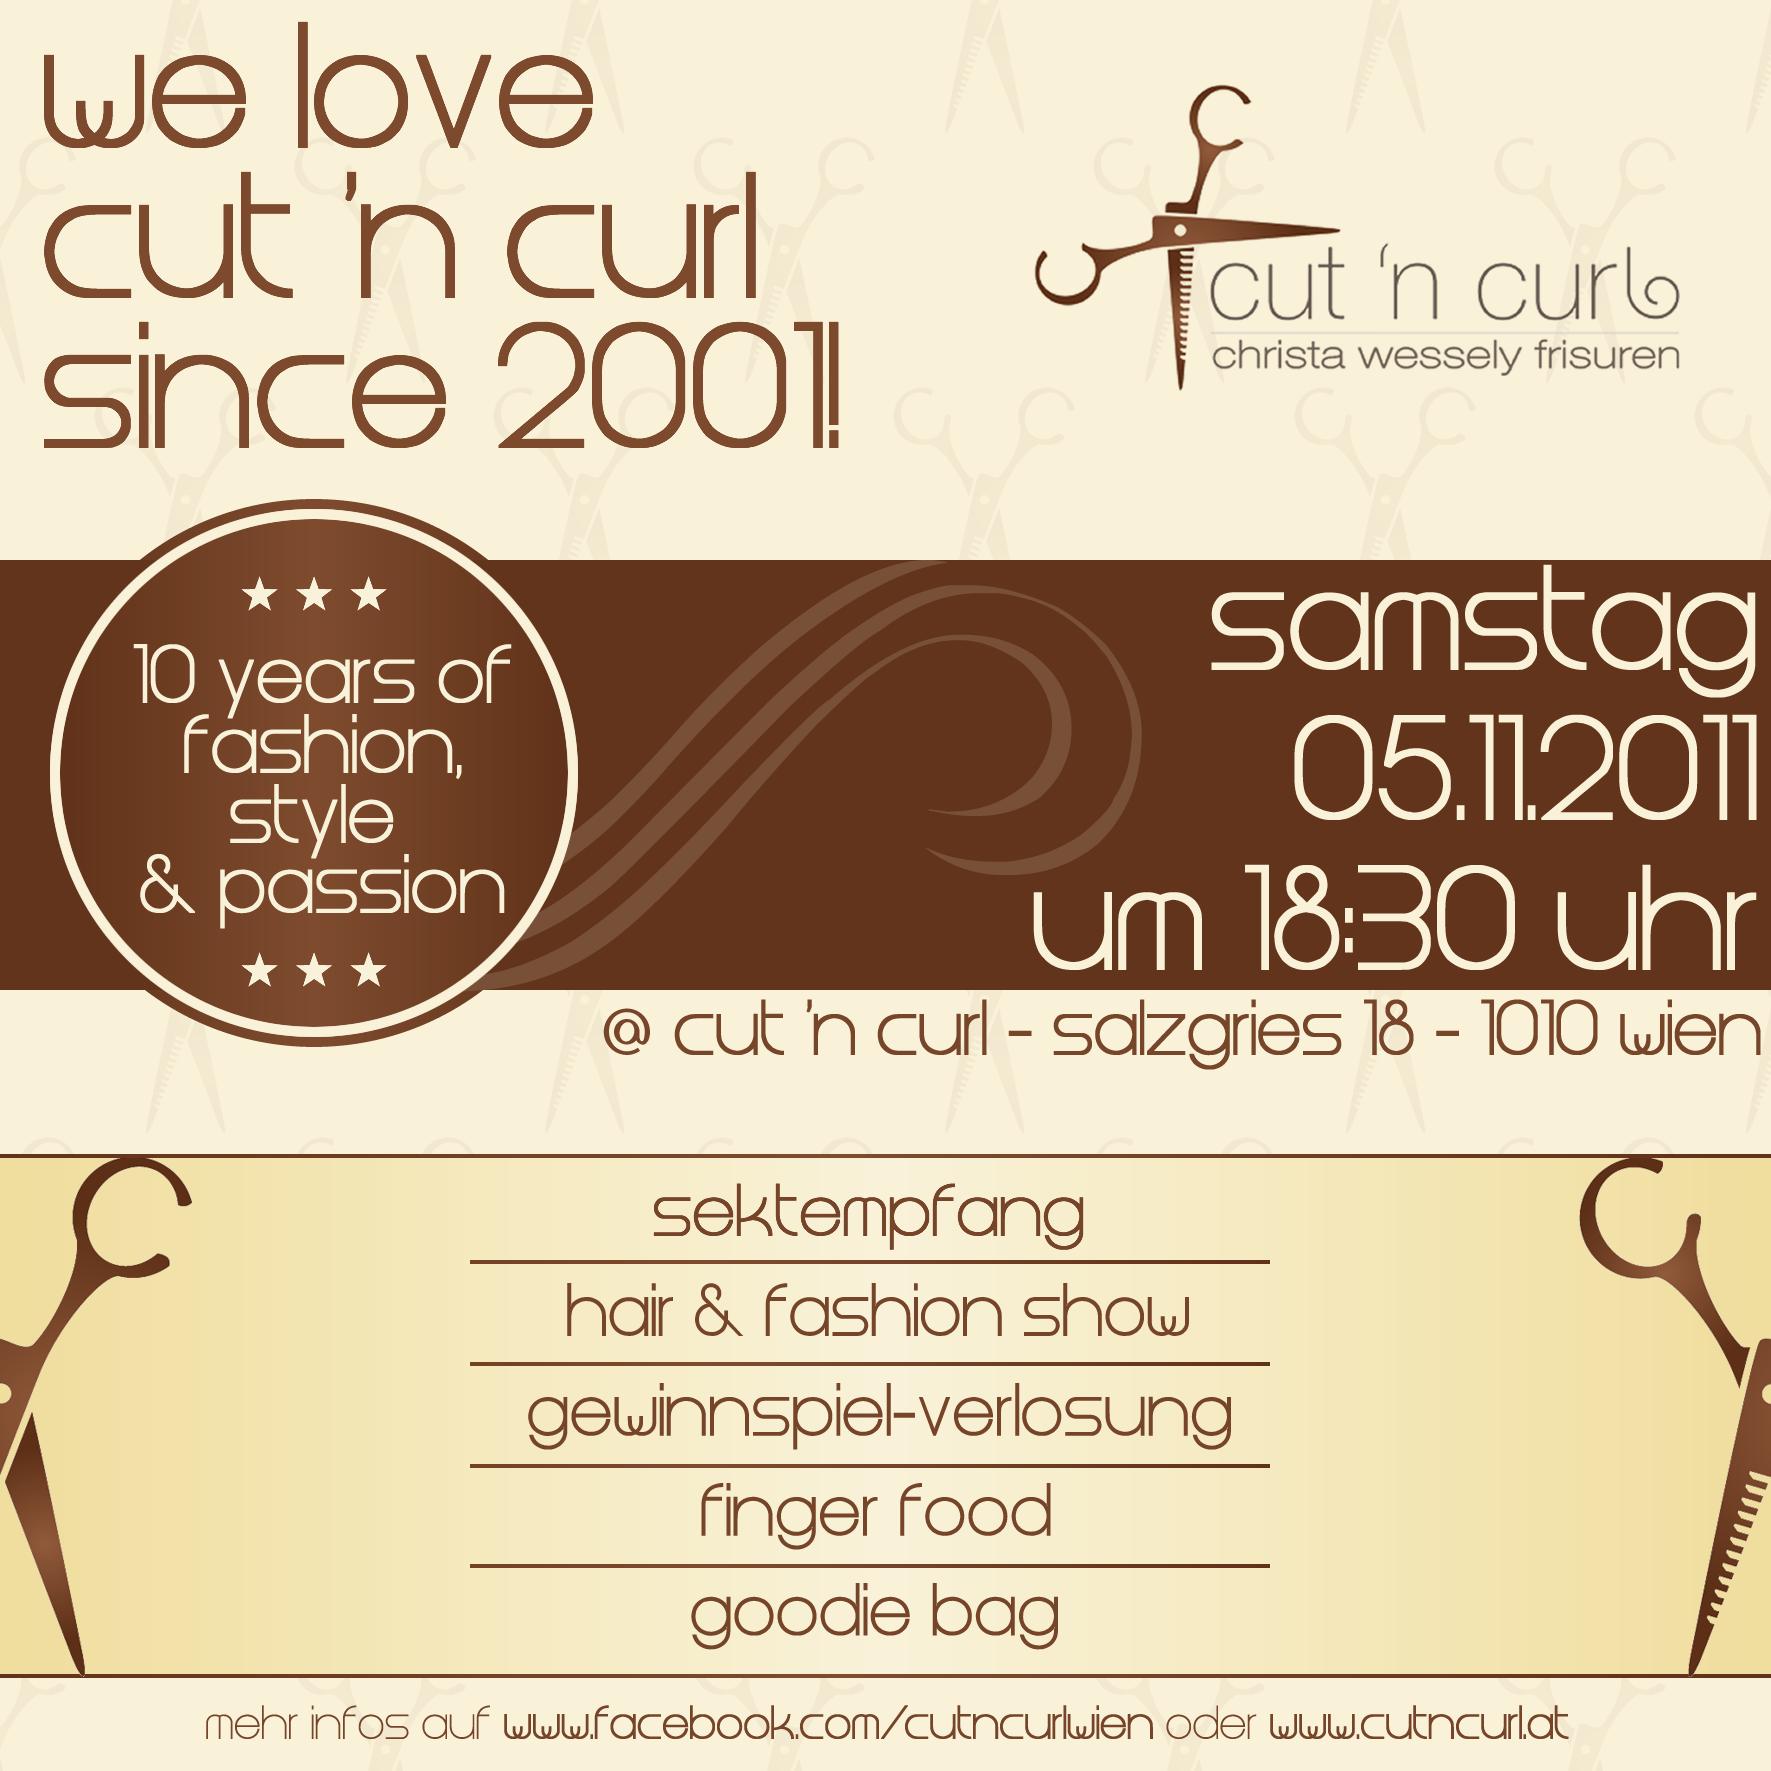 flyer für friseursalon - 10 jähriges jubiläum » einladungskarten, Einladung